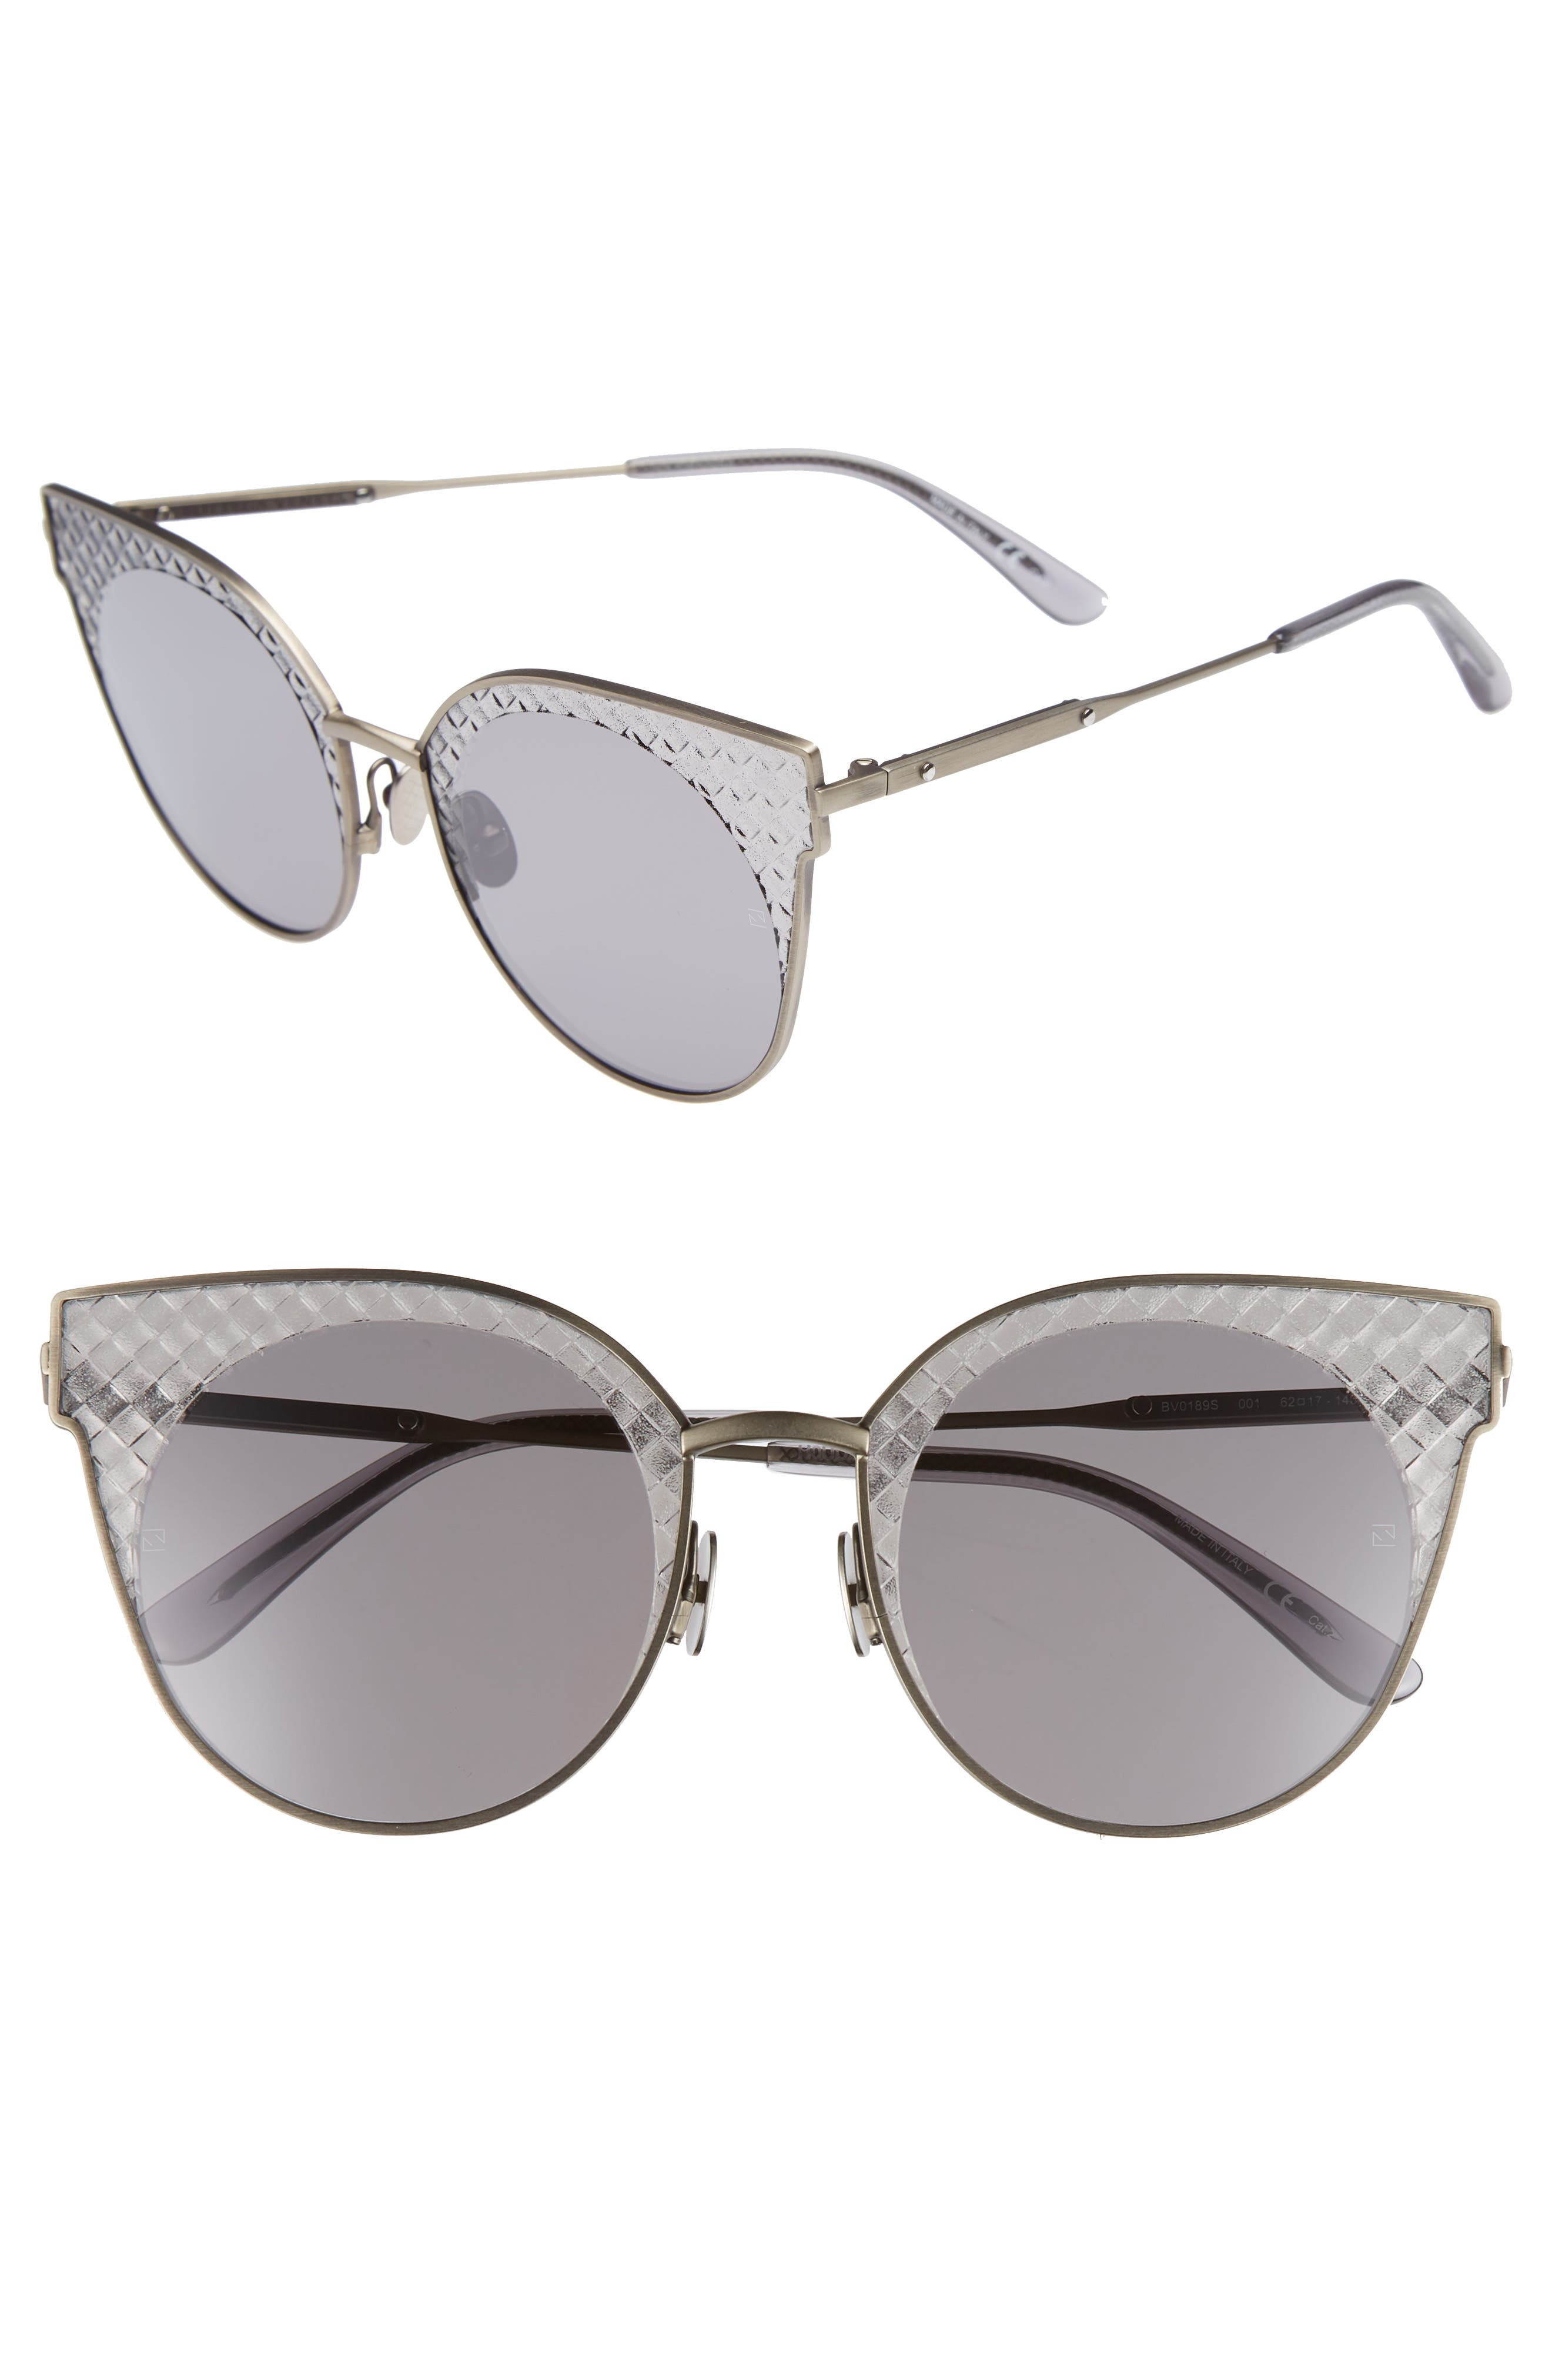 Bottega Veneta 62mm Sunglasses